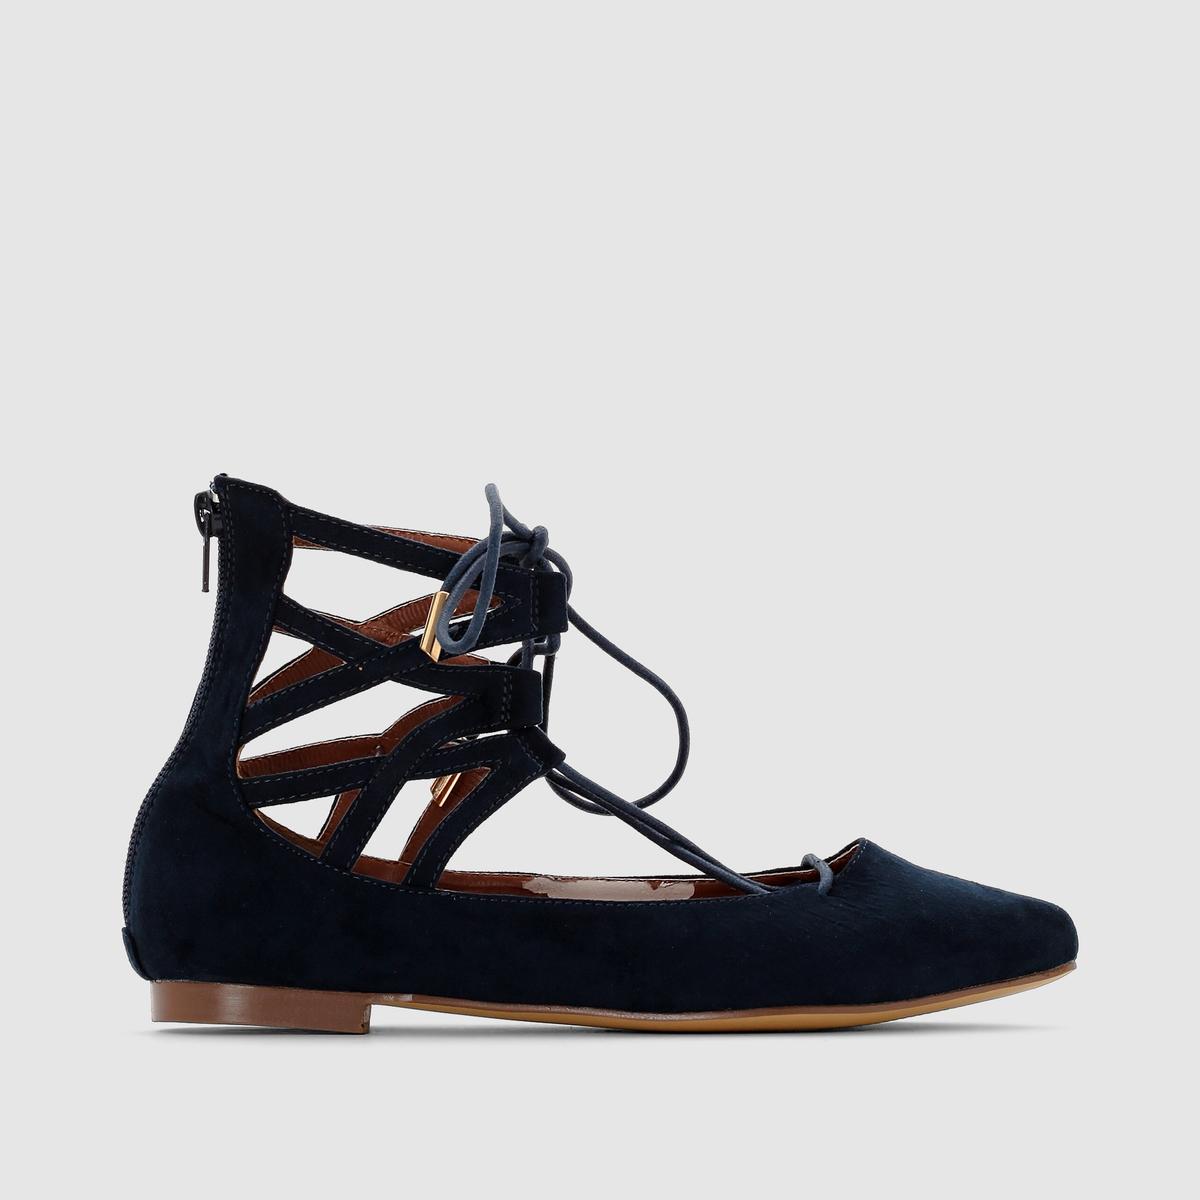 Балетки в стиле спартанских сандалий от La Redoute Collections